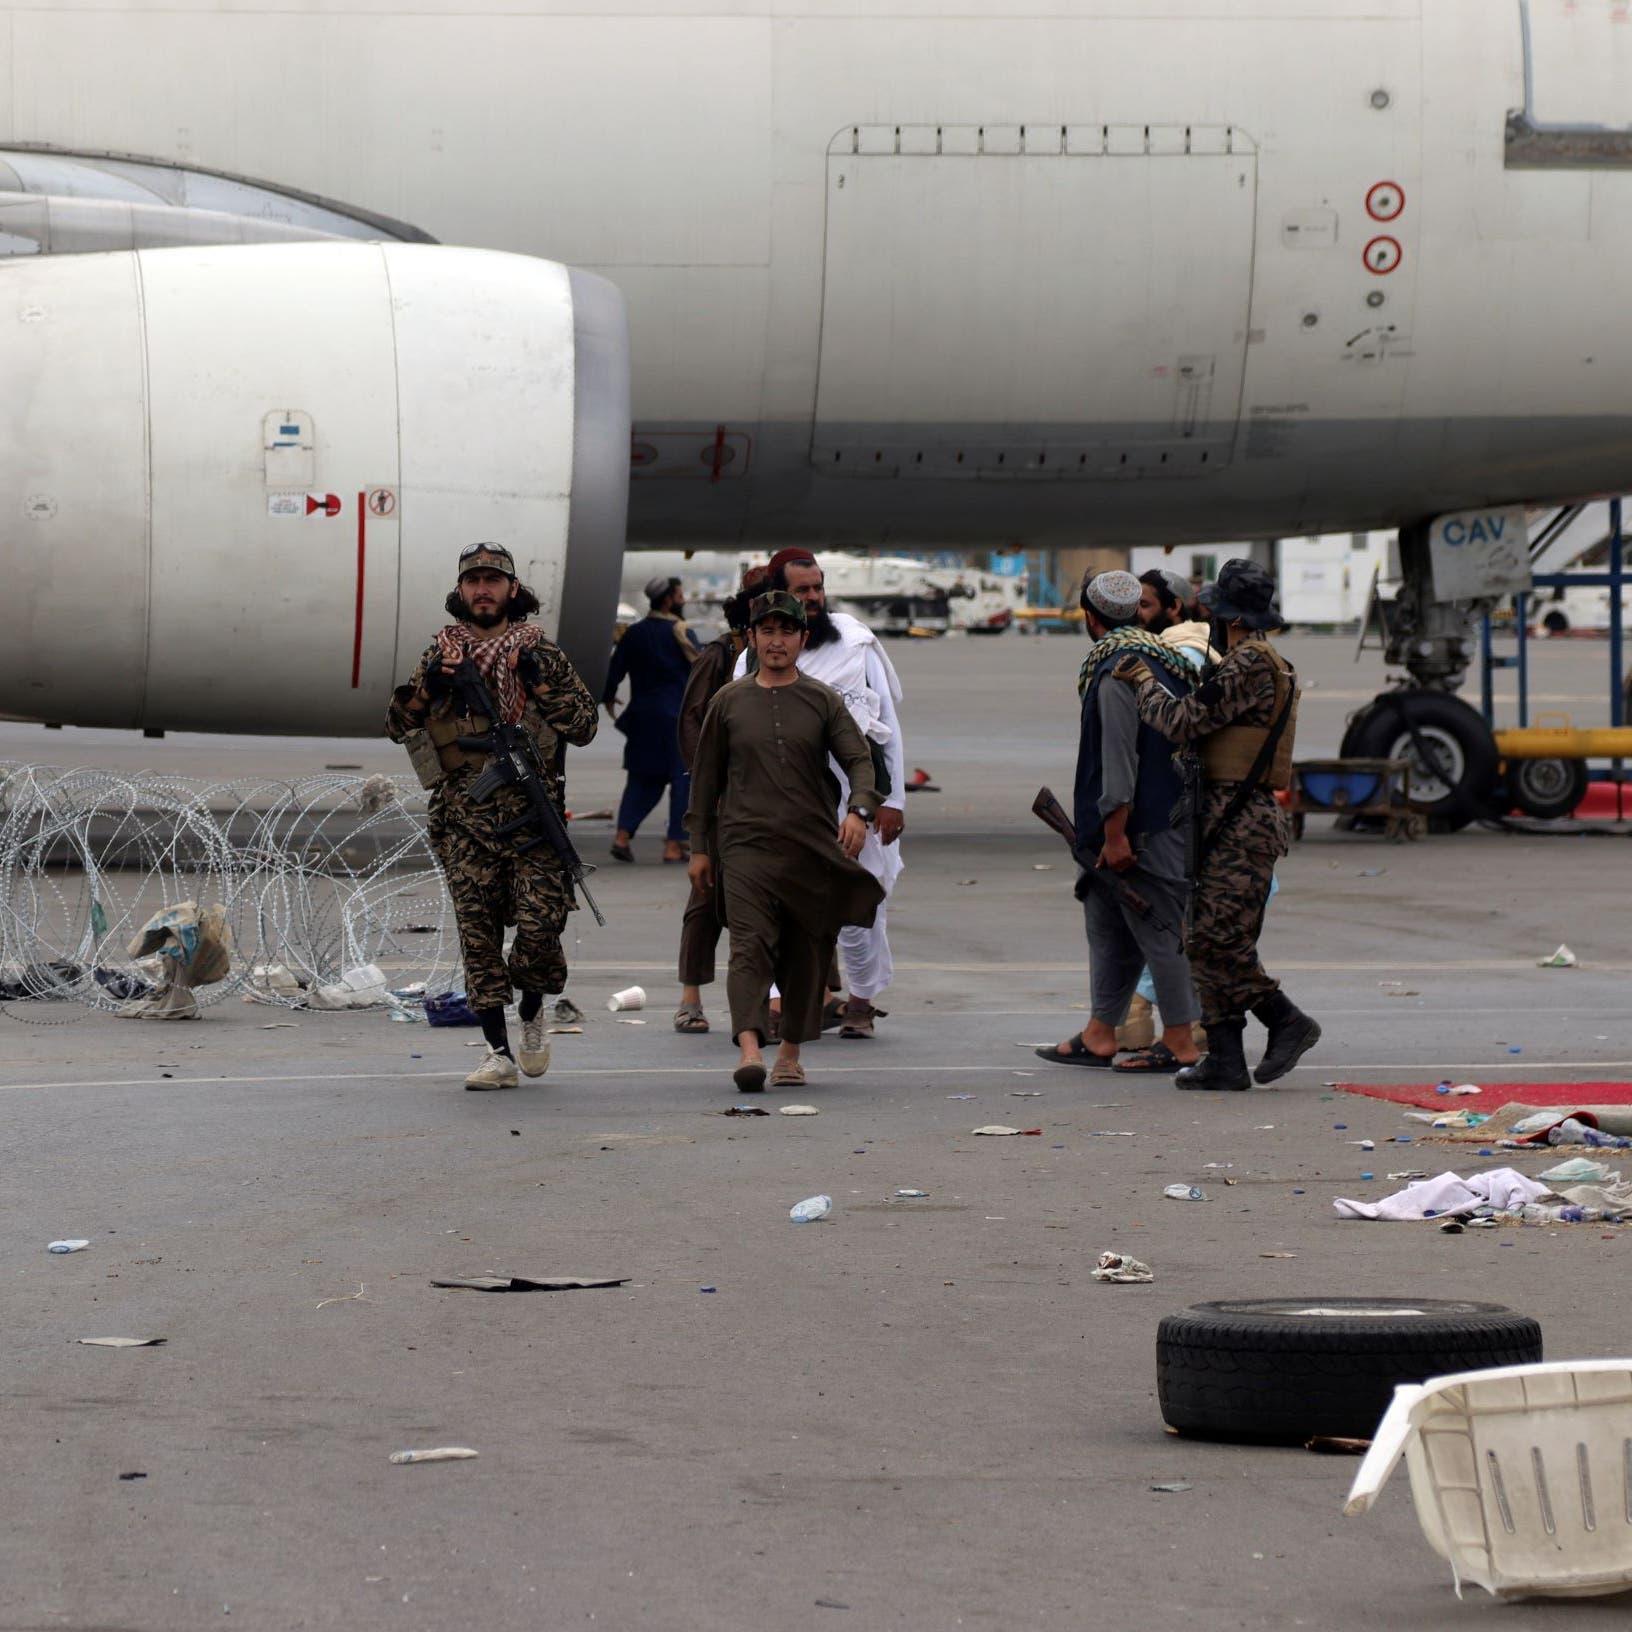 صور لطالبان تستولي على أسلحة أميركية.. البنتاغون: غير صالحة